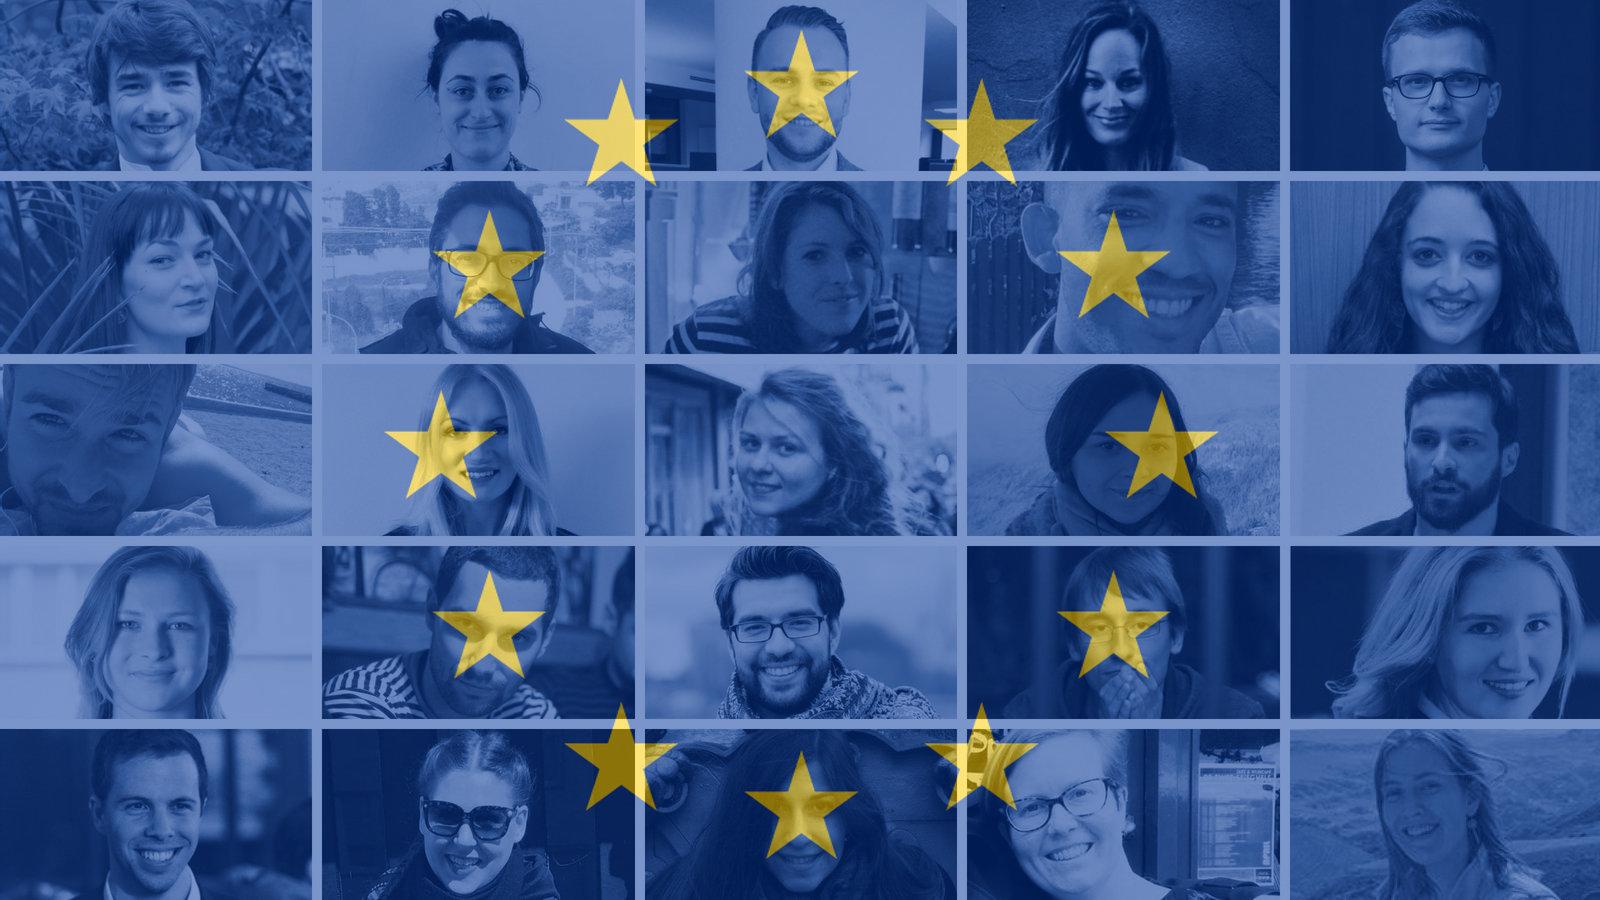 28 junge Europäer aus allen EU-Staaten haben eine Botschaft an ihre Regierungen